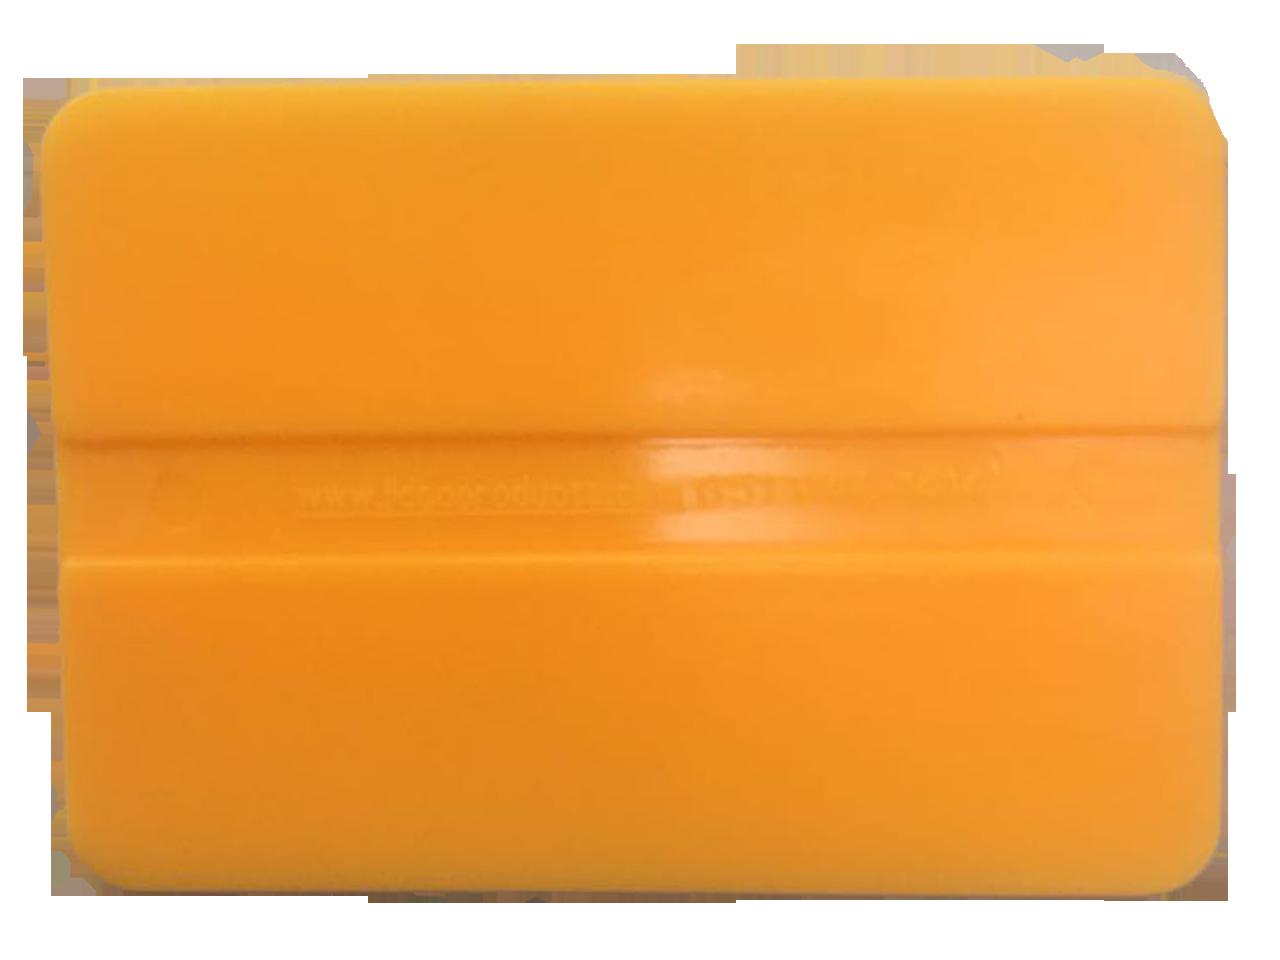 Película Profissional de Controle Solar  (10 Rolos de 1,52m X 15m) TLV 5, 20, 35 e 50. Cores Disponíveis: Preto, Verde Oliva, Verde Floresta, Charcoal e Grafite.